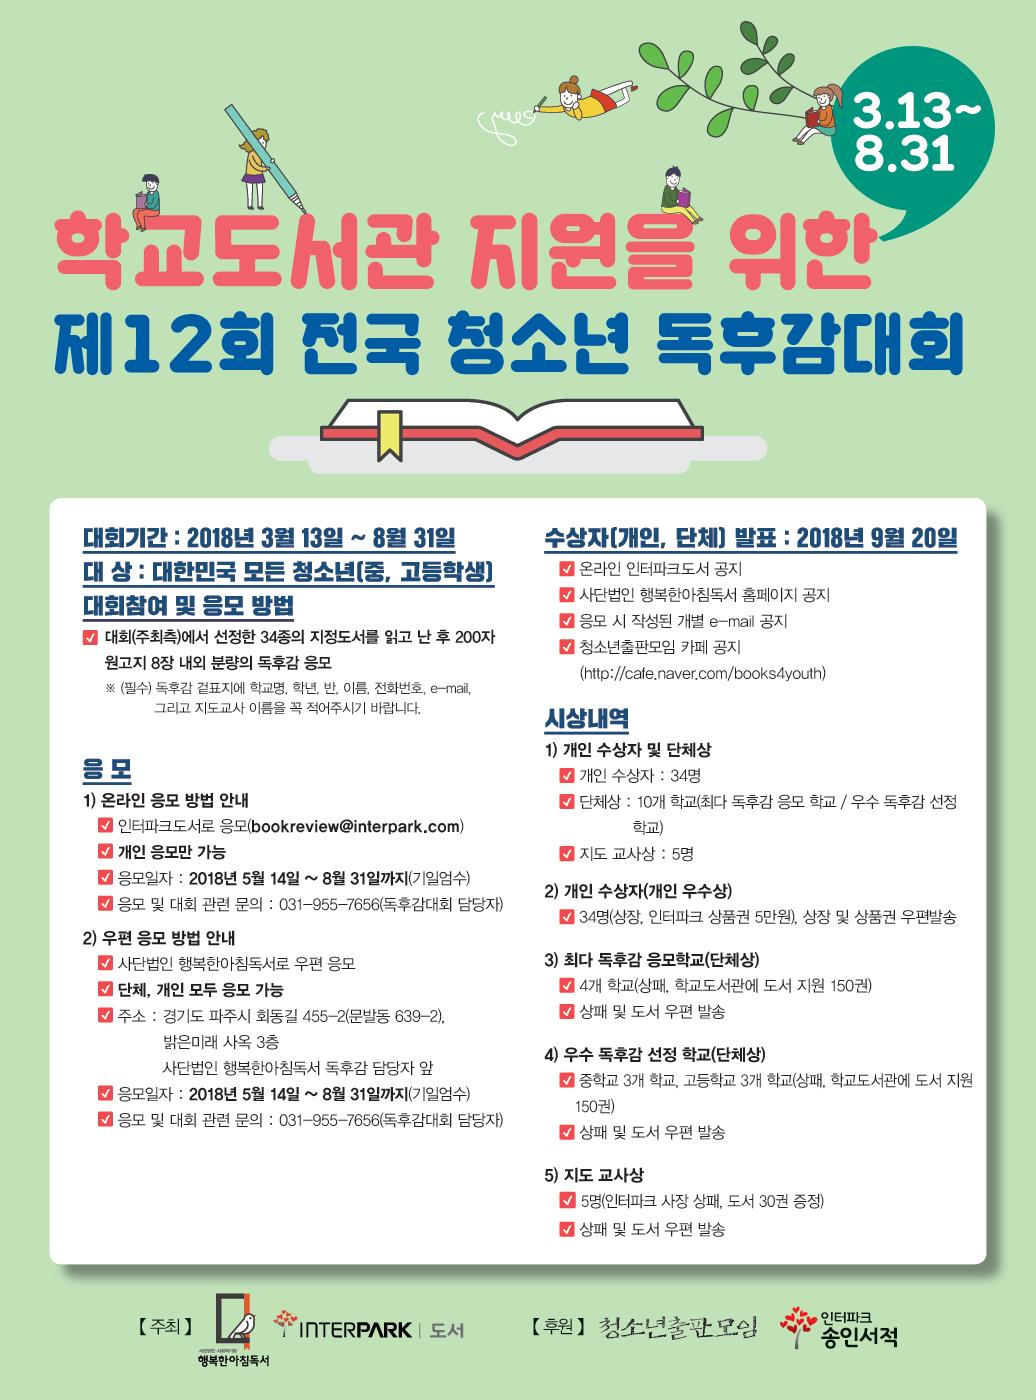 2018-4월호-청소년독후감대회 1.jpg